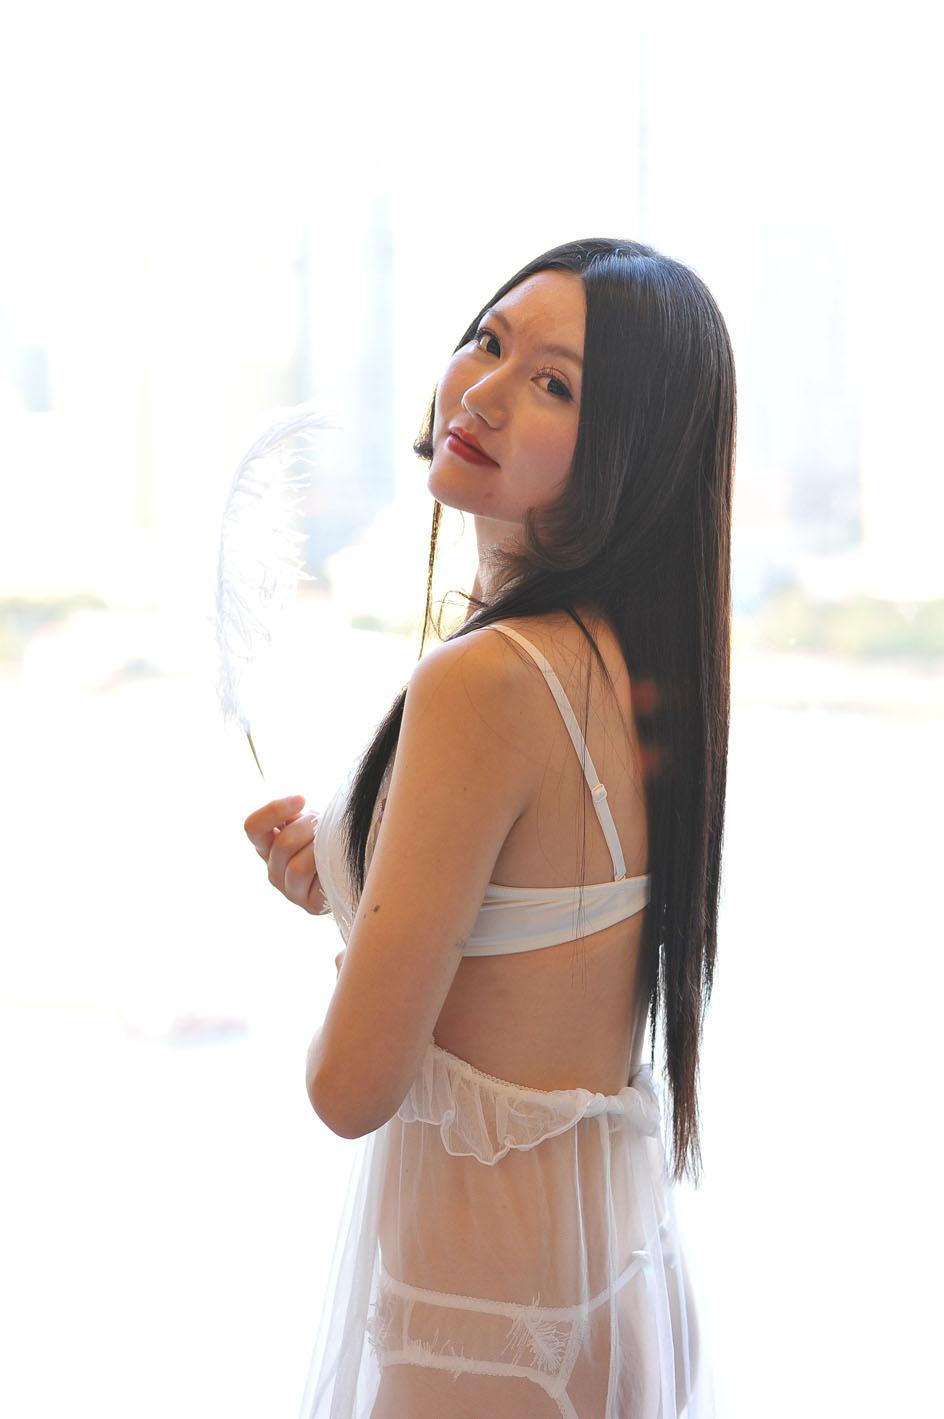 严佳丽丝库摄影1